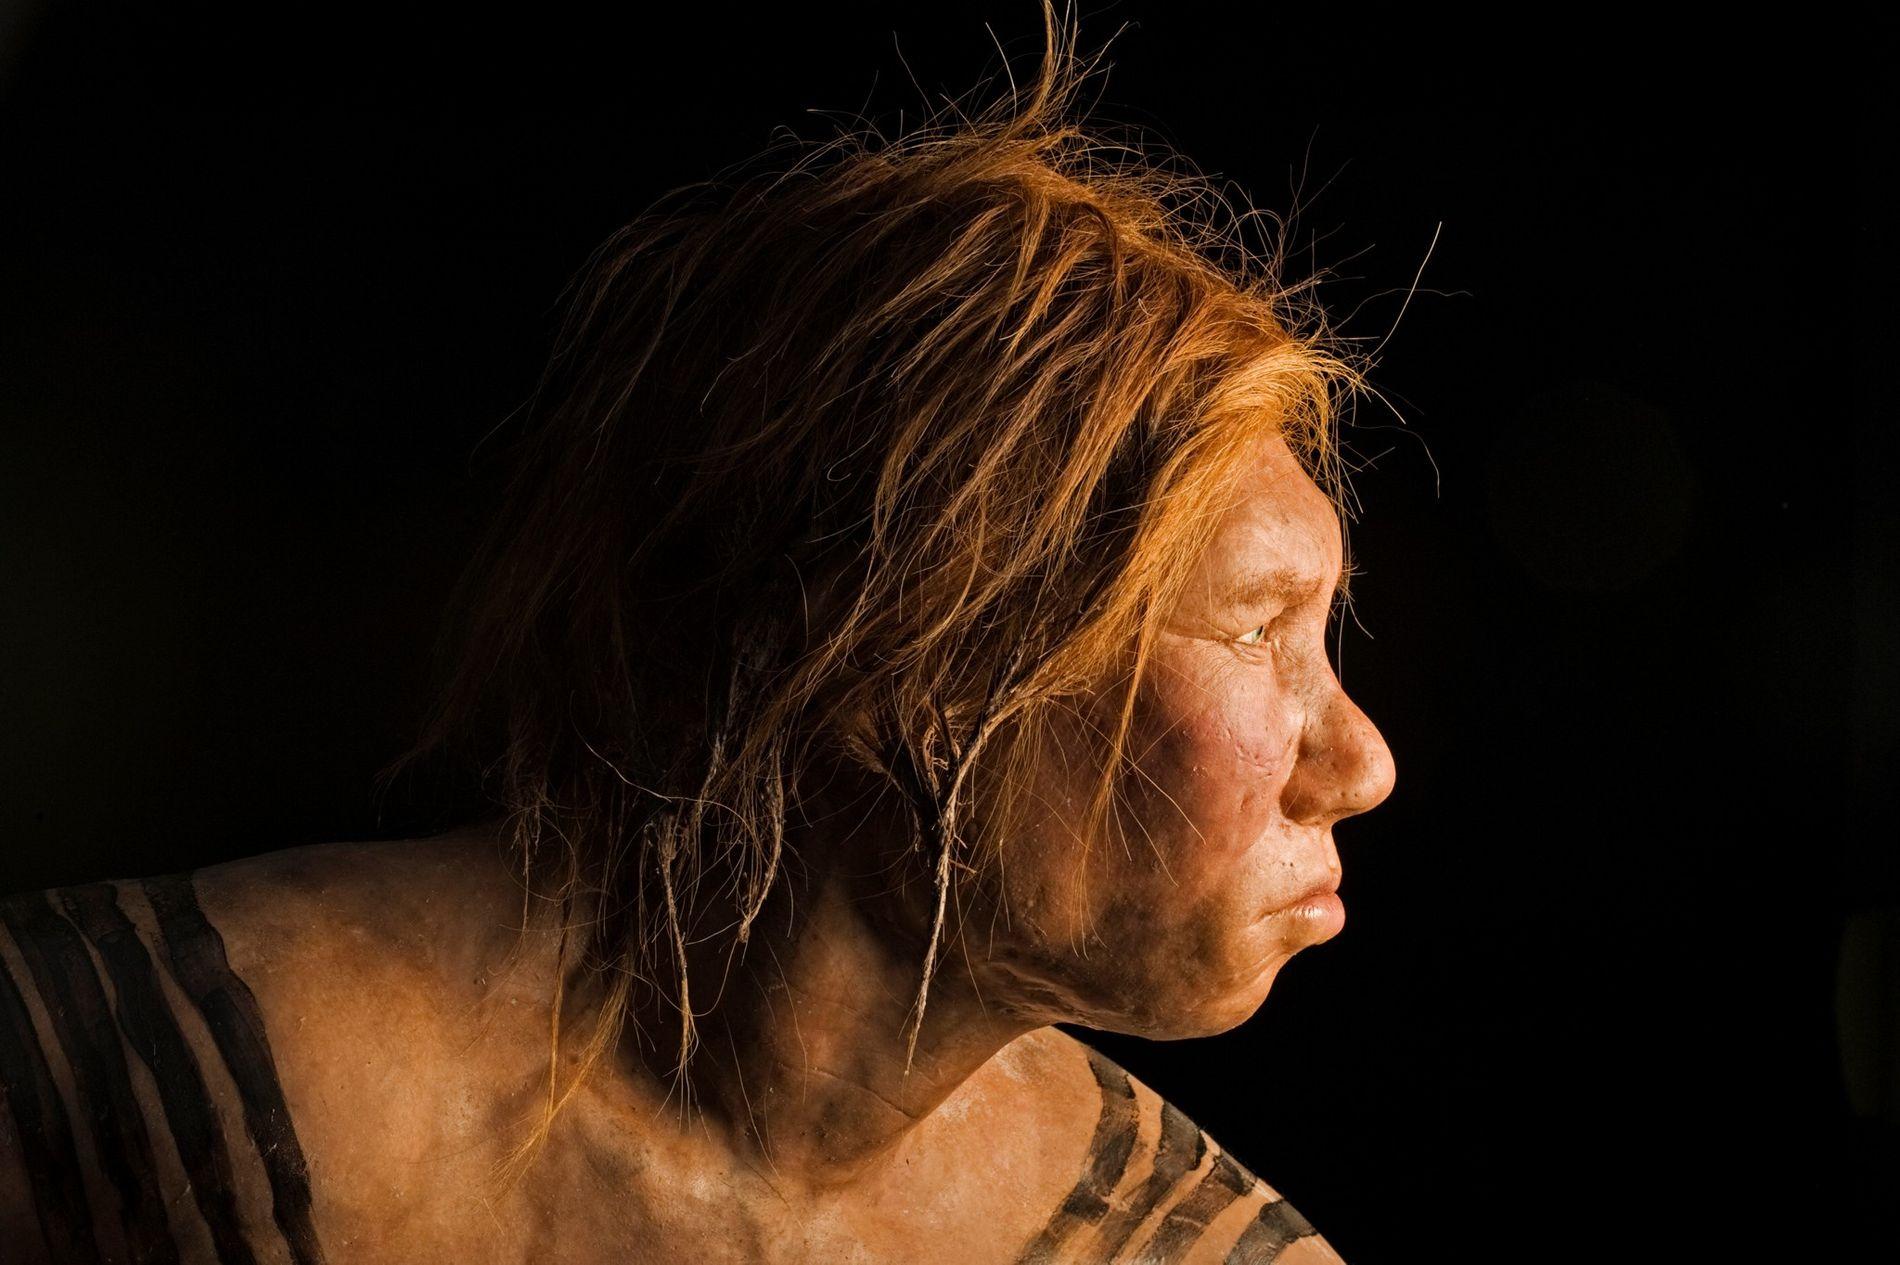 Lange Zeit waren Forscher davon ausgegangen, dass afrikanische Populationen keine Neandertaler-DNA in sich tragen. Neue Modelle ...